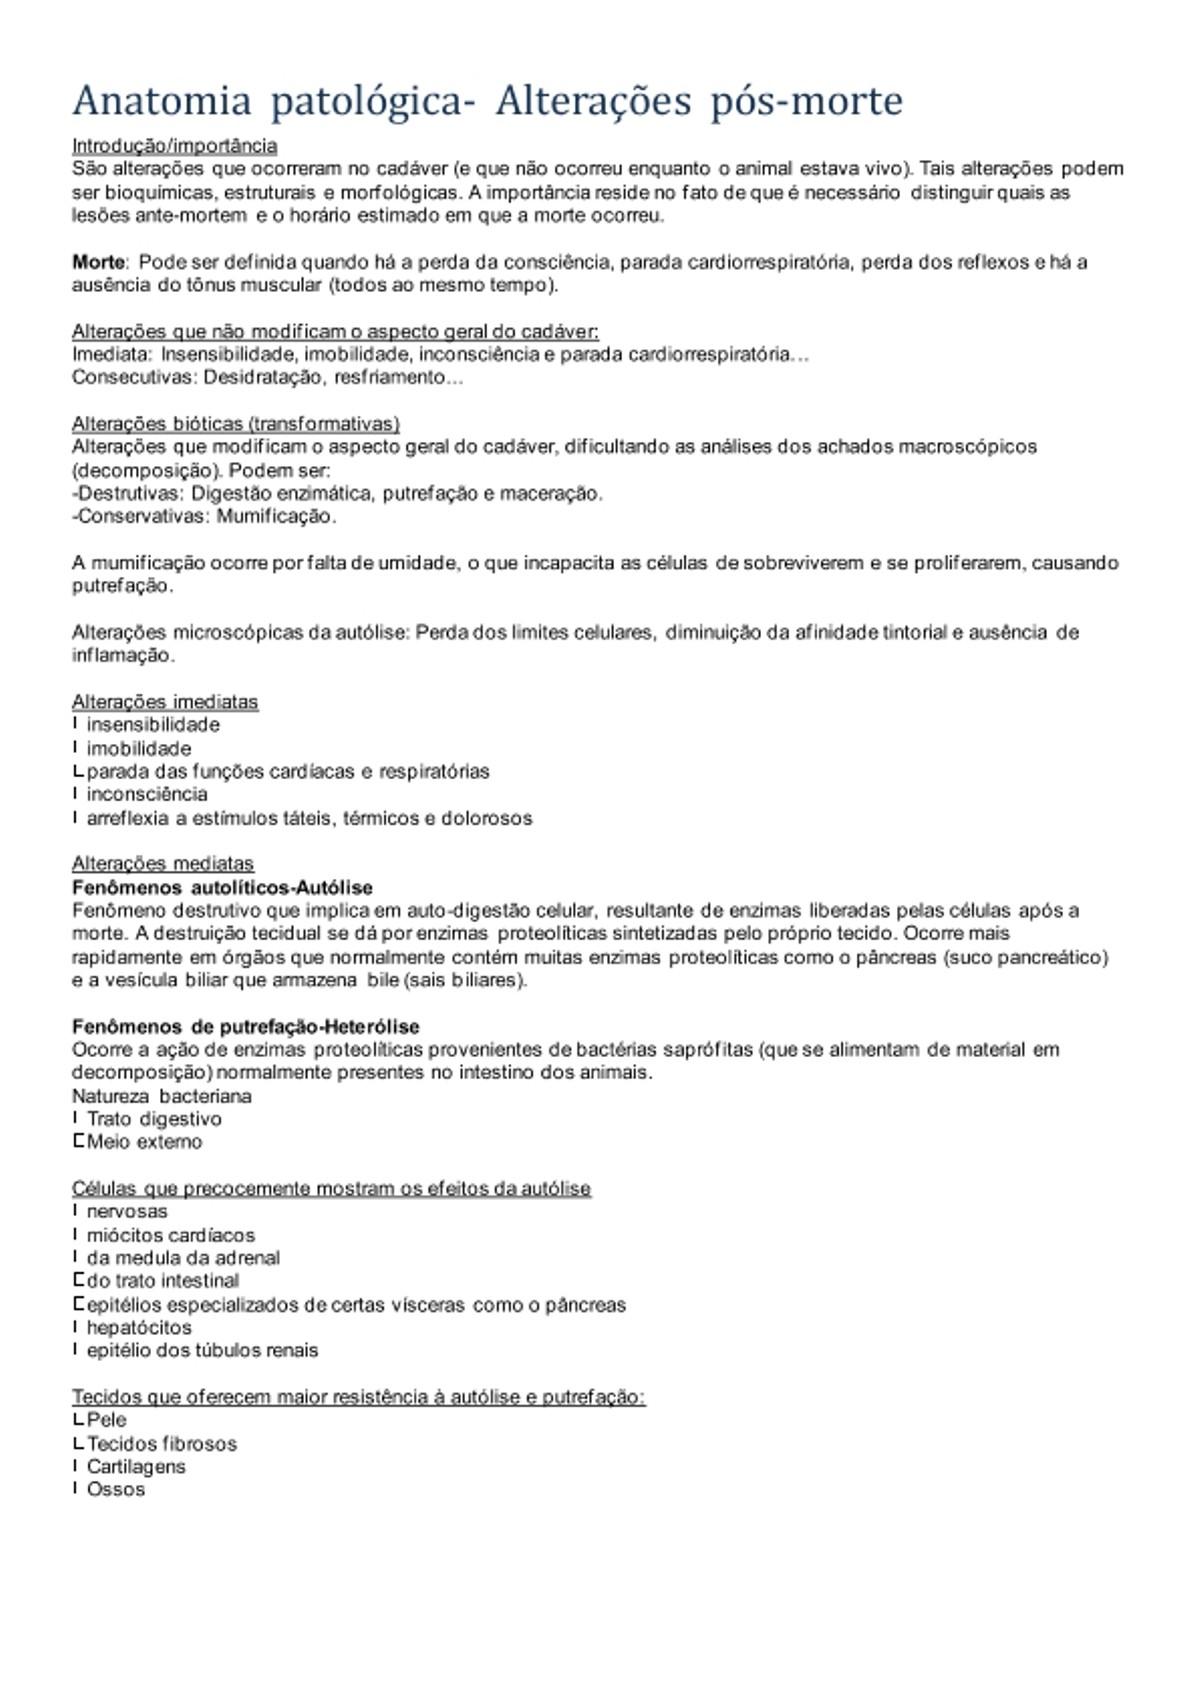 Pre-visualização do material Anatomia patológica - Resumo  das alterações pós morte - página 1